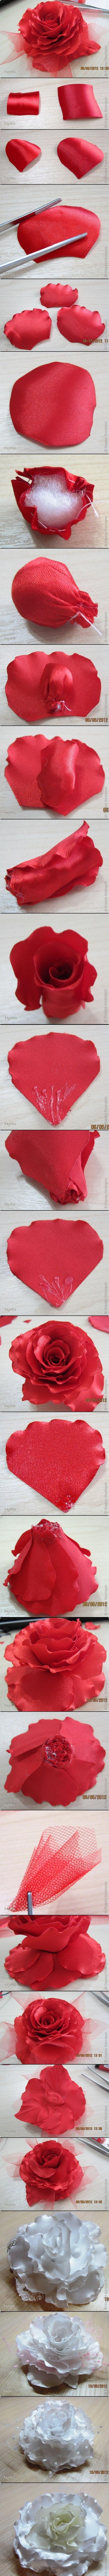 Elaboración de rosas con pétalos sueltos